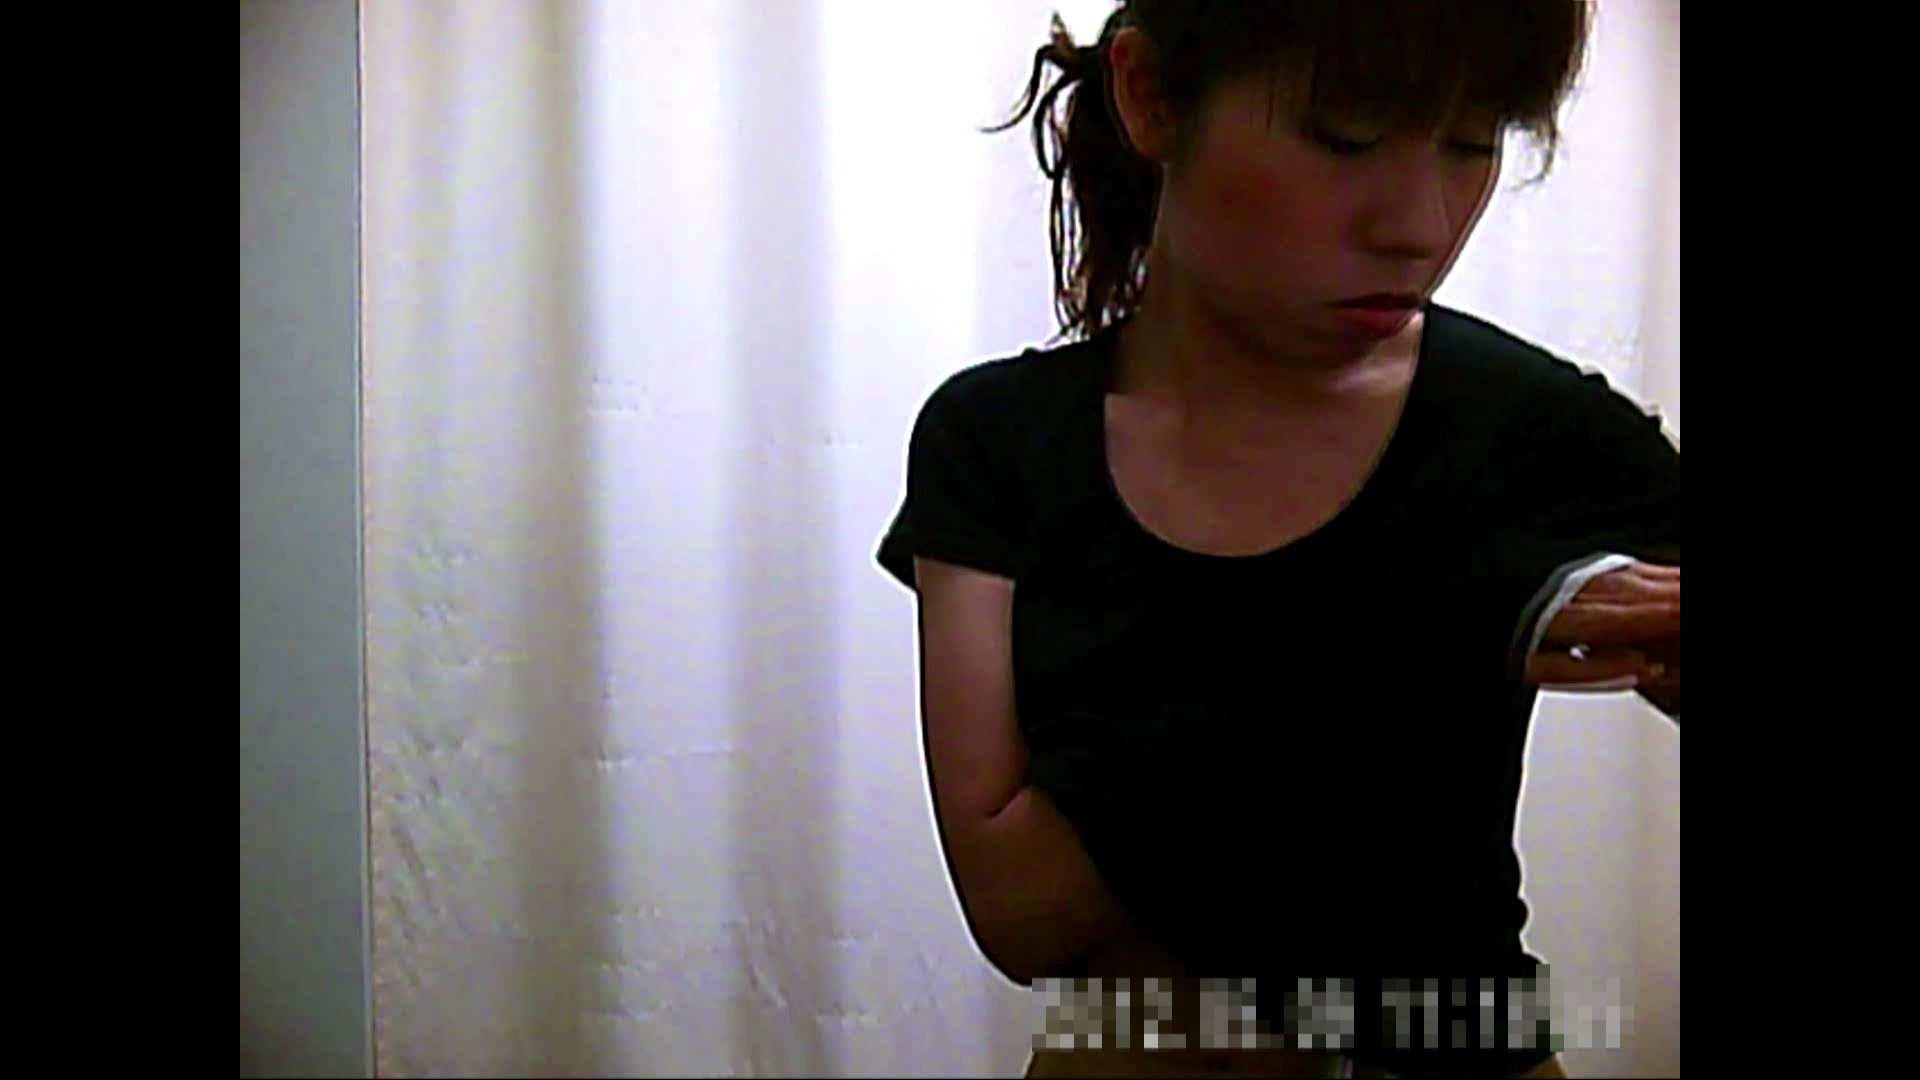 元医者による反抗 更衣室地獄絵巻 vol.002 OLハメ撮り  40Pix 38